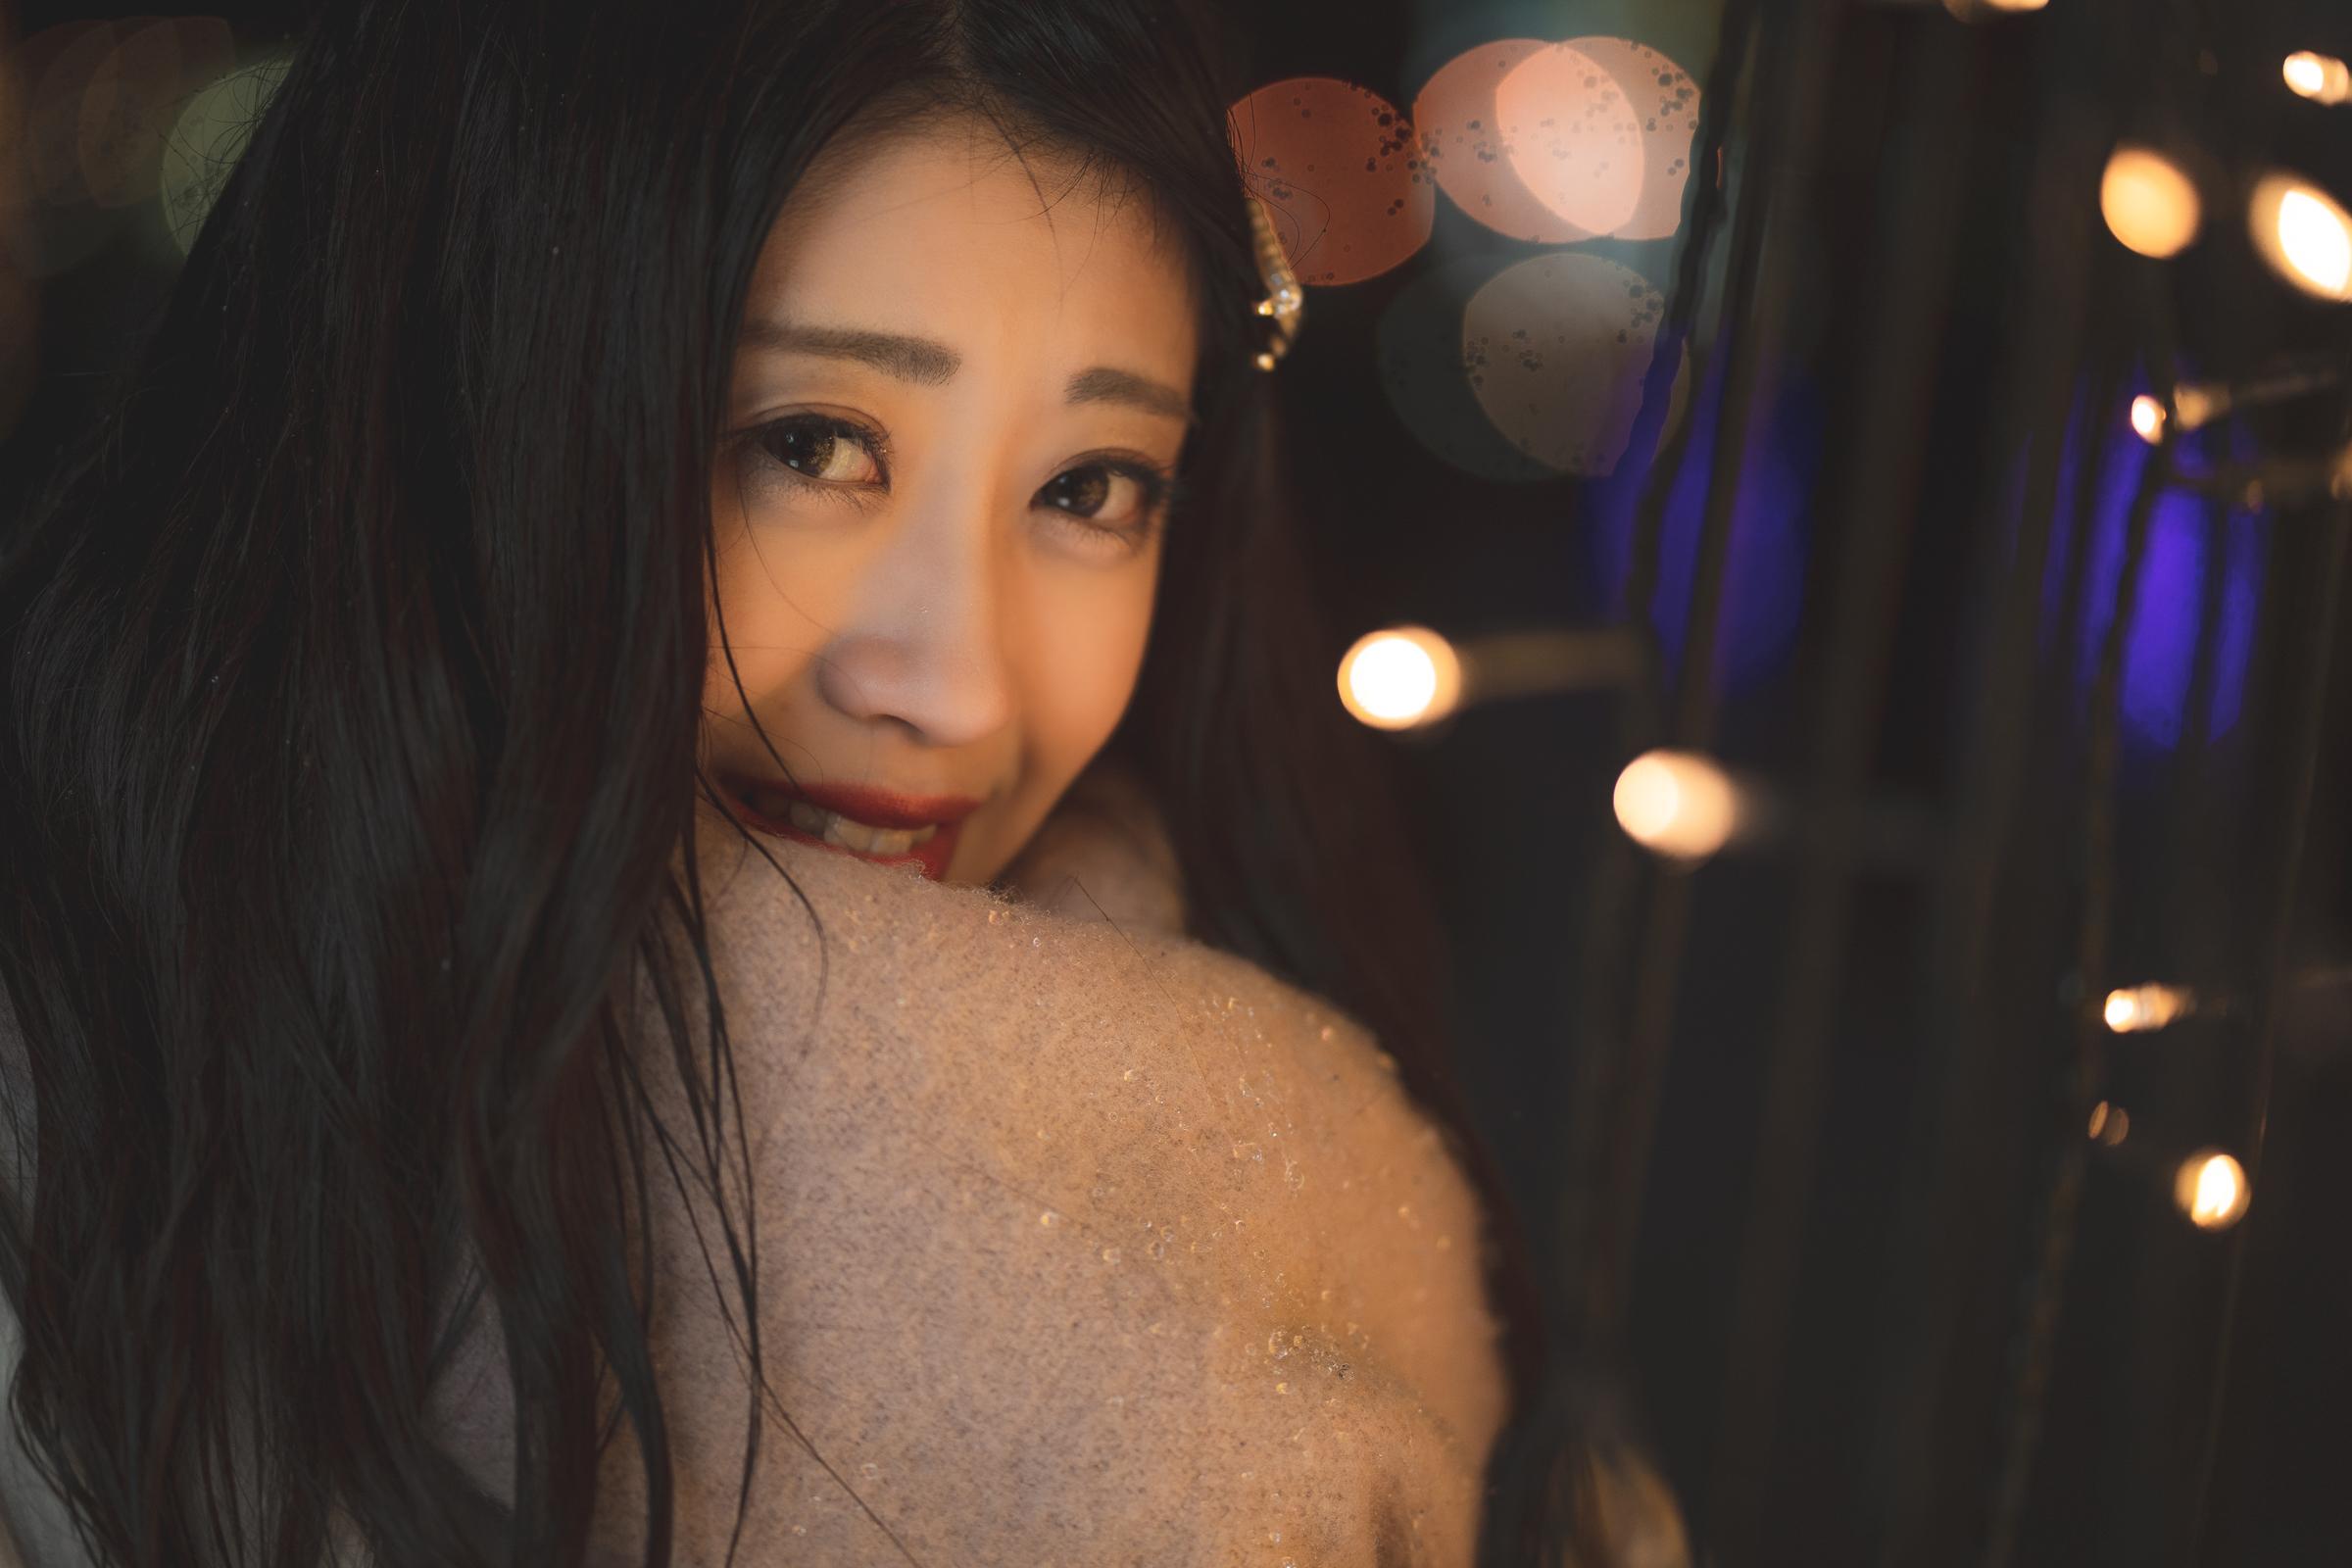 3代目HAPPY少女♪ れいか ( 鳴海れいか ) | モデルプロ撮影会 in イルミネーション